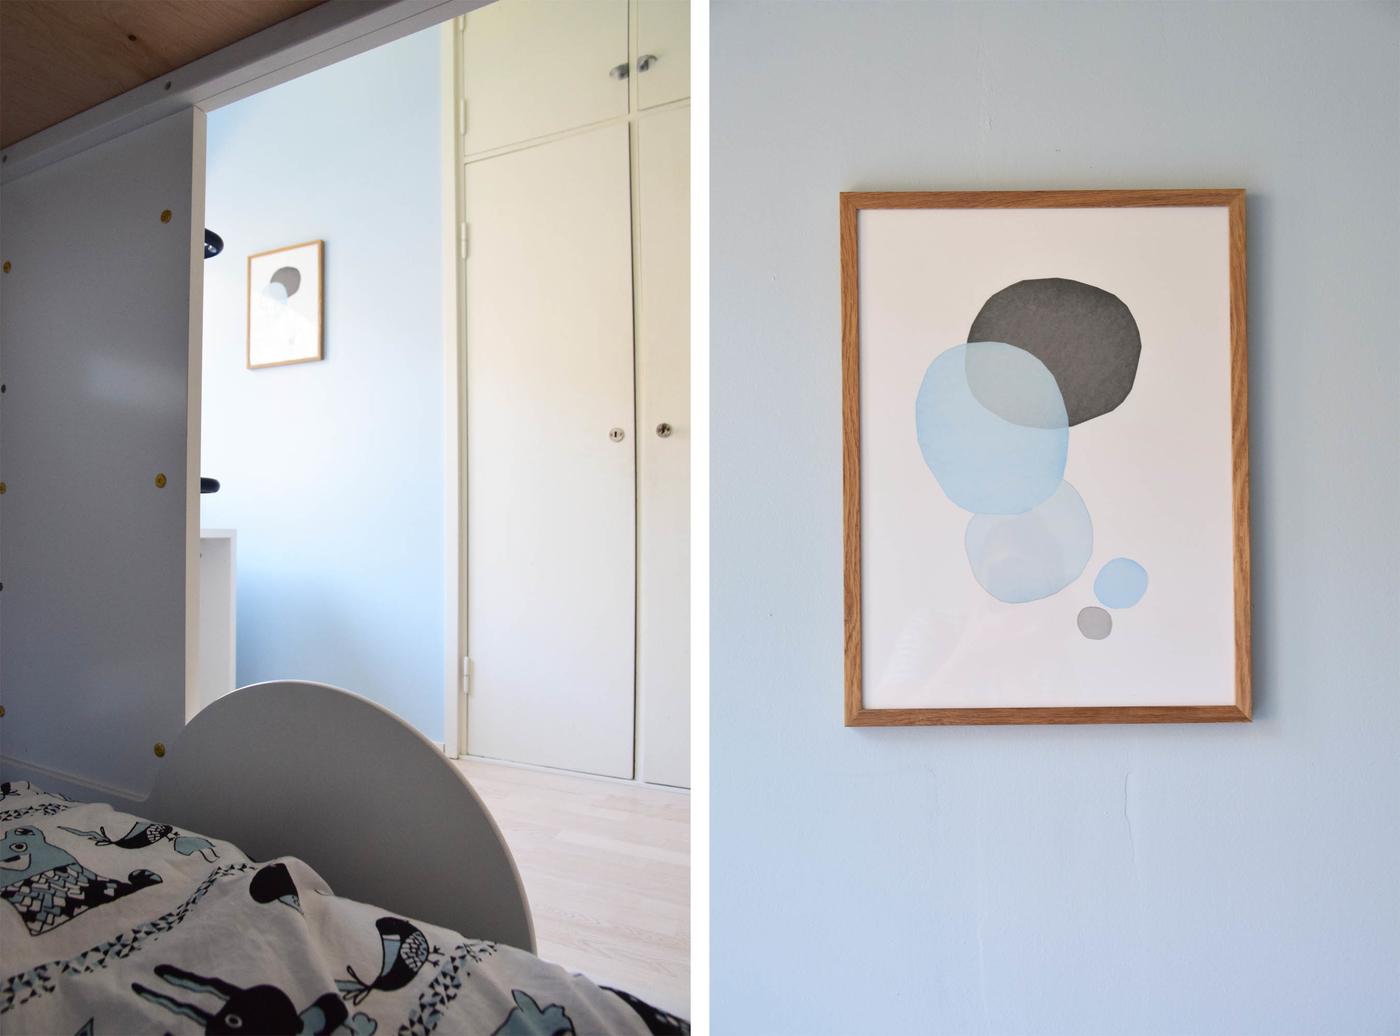 muurame huonekalut18.jpg